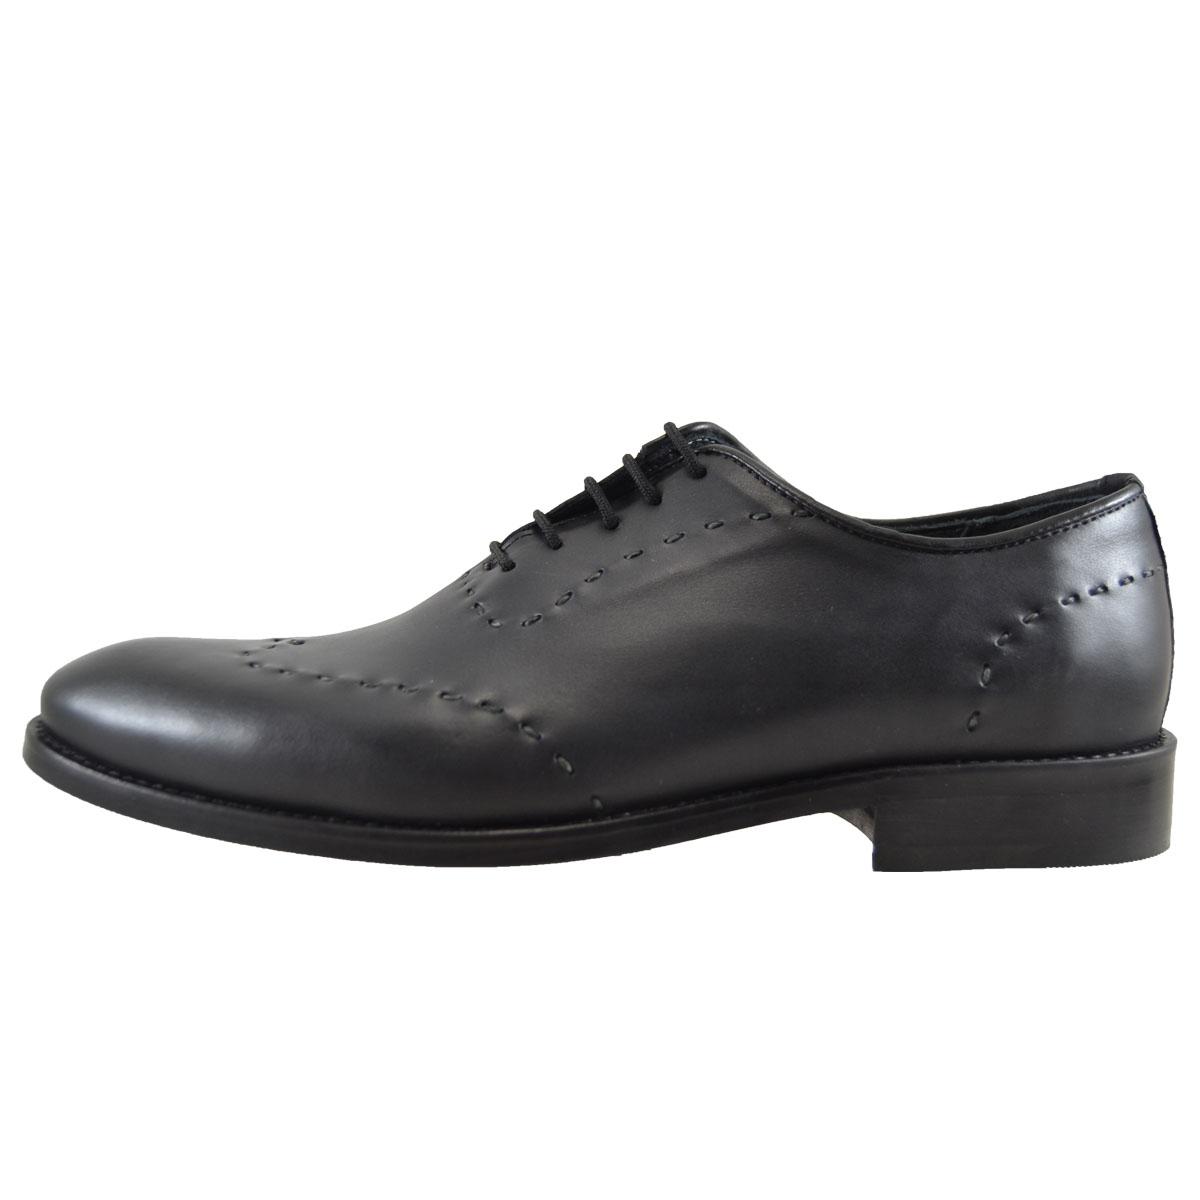 کفش مردانه کد 222             , خرید اینترنتی